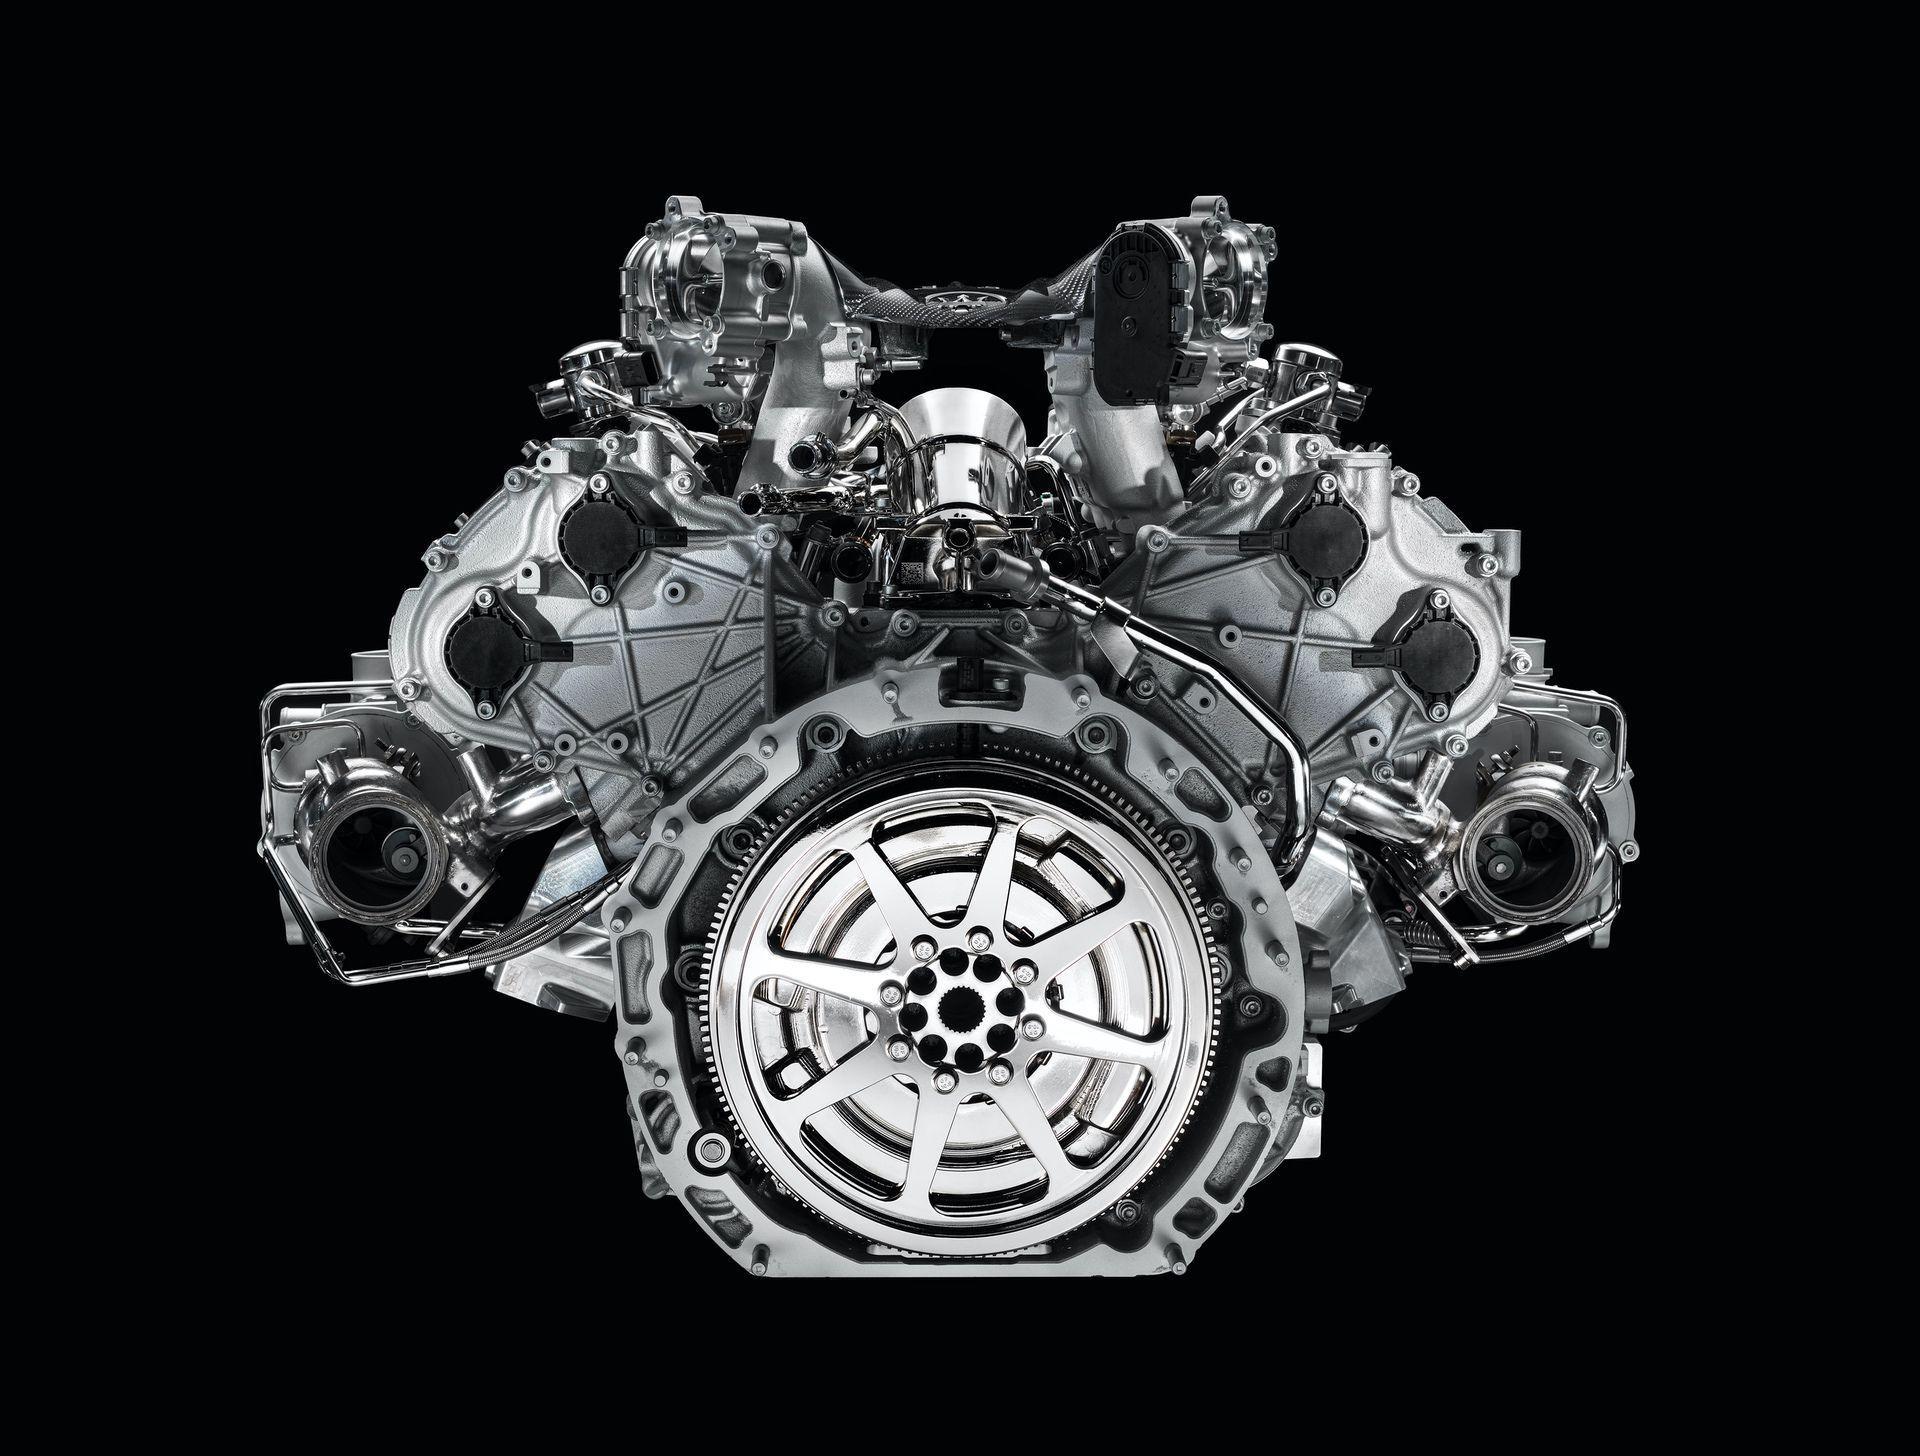 Maserati_Nettuno_engine_0007